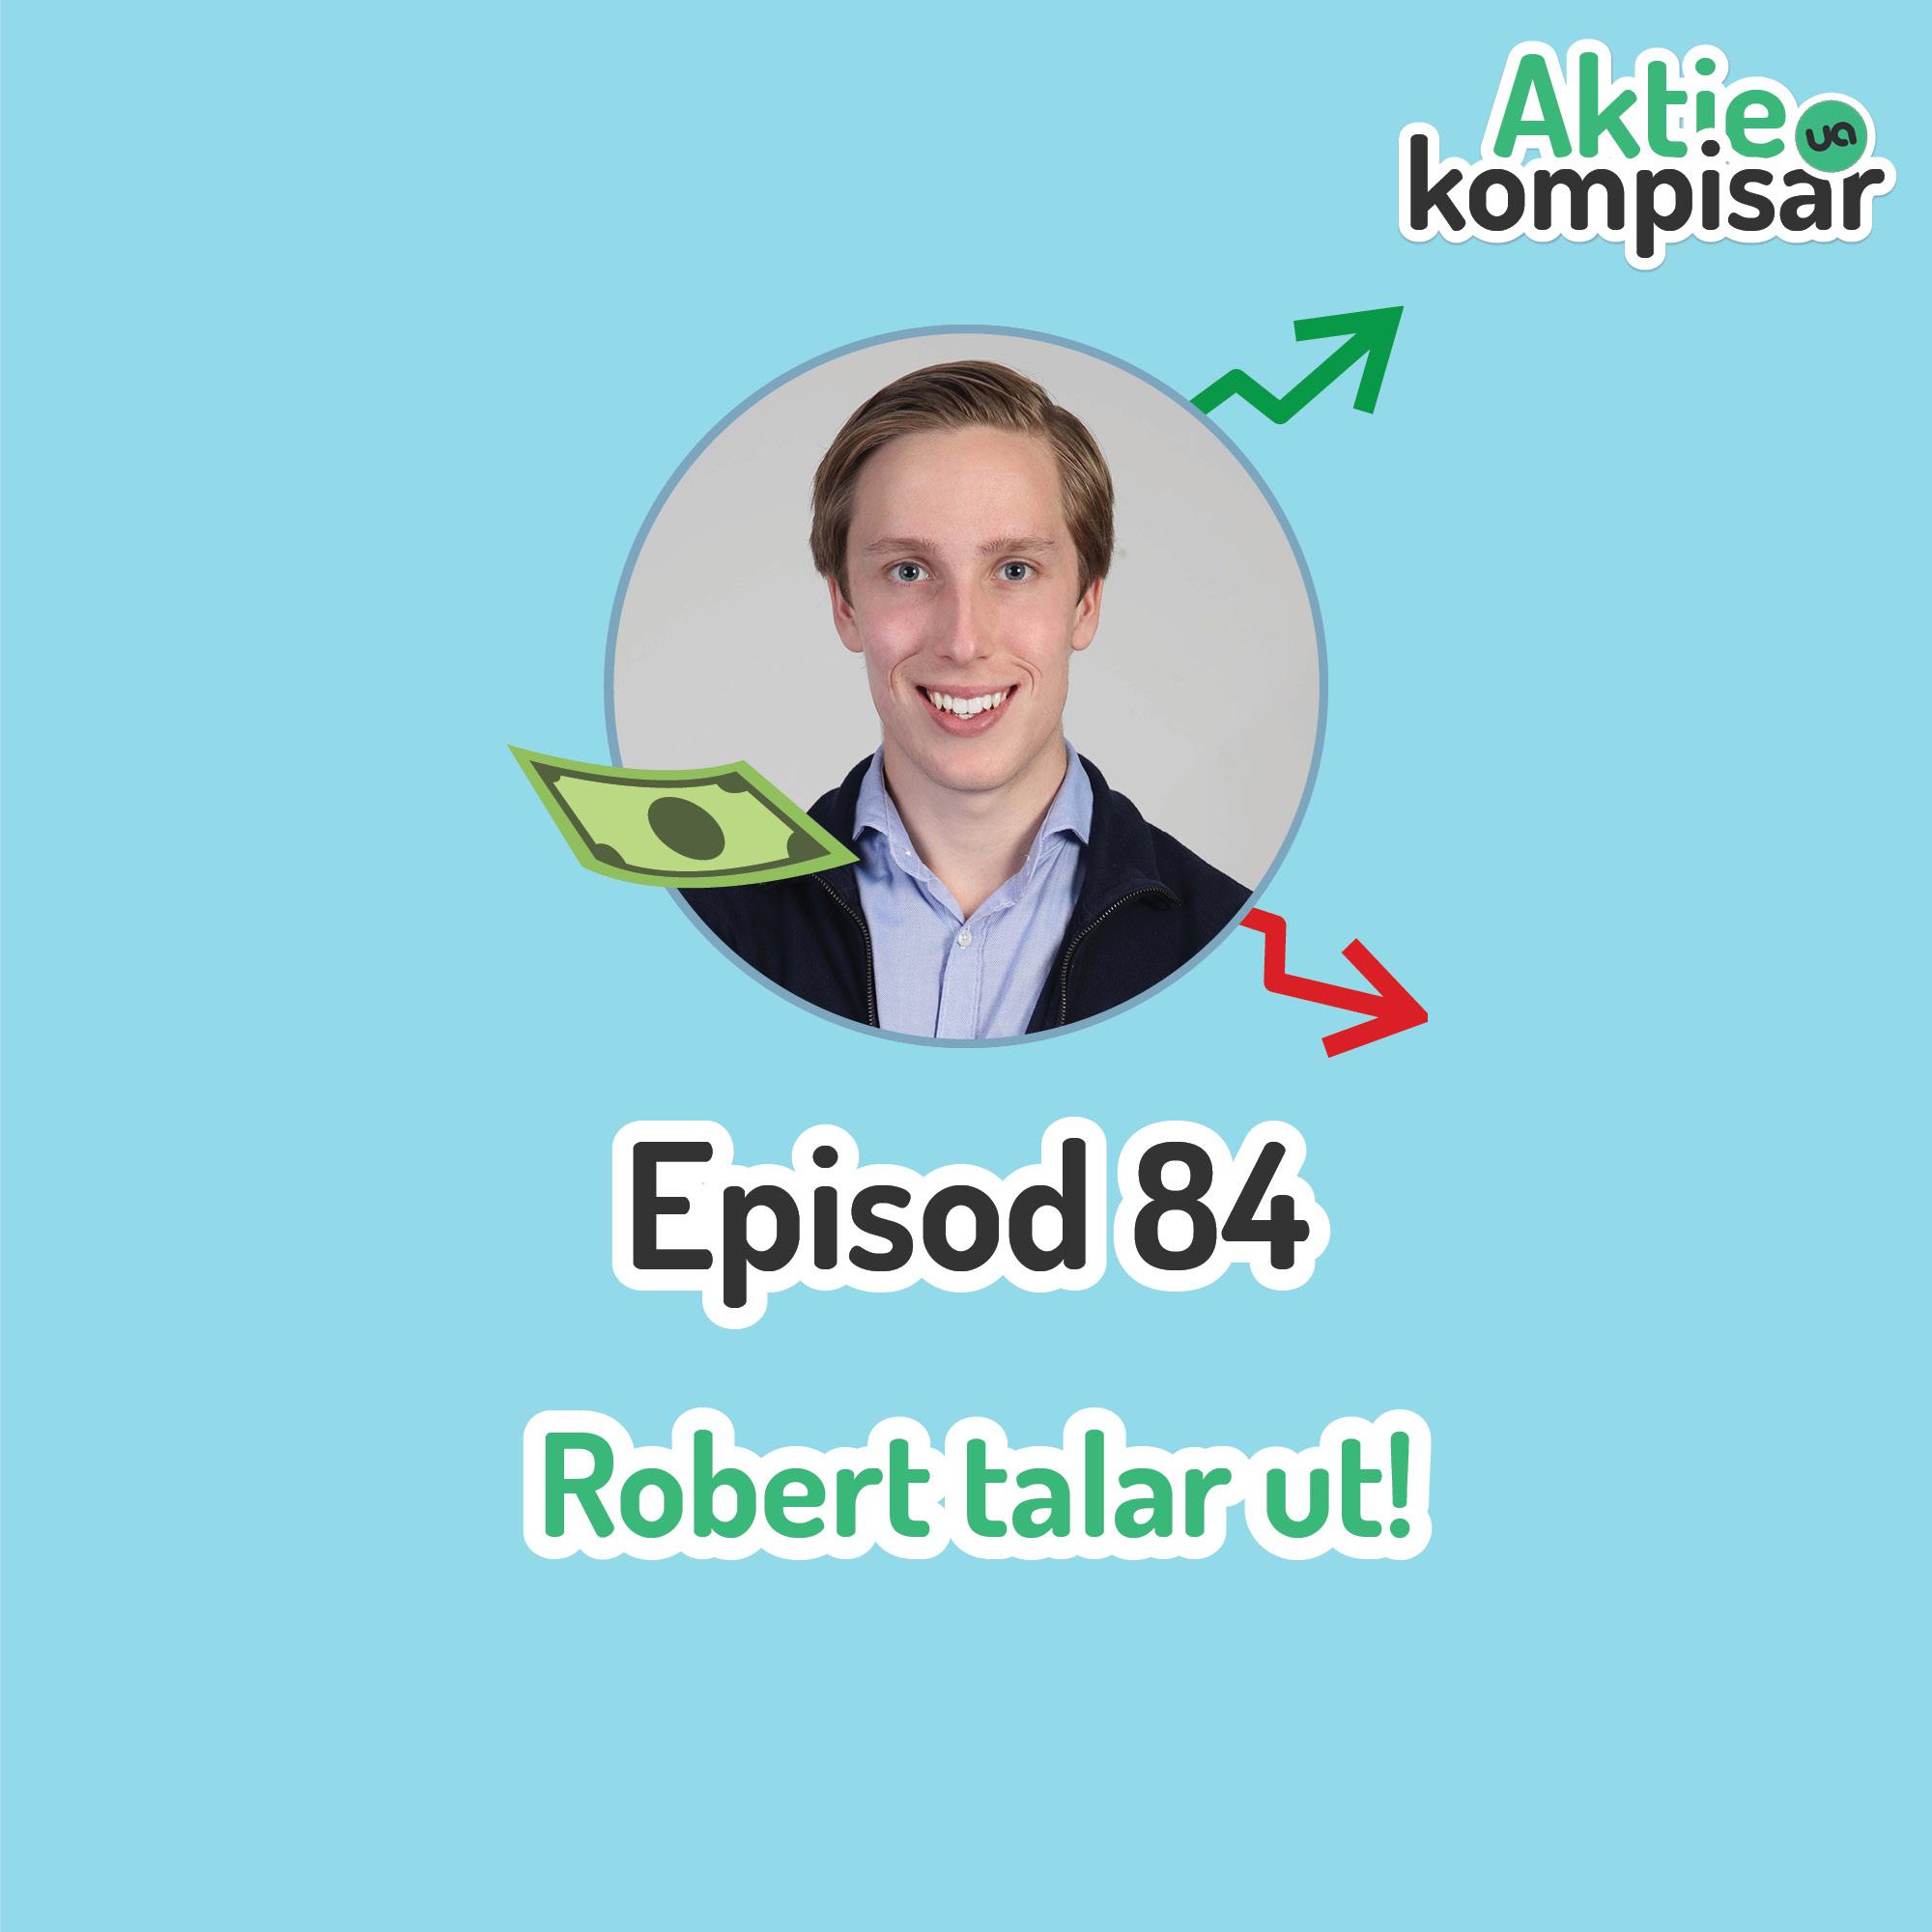 Episod 84 - Robert talar ut!